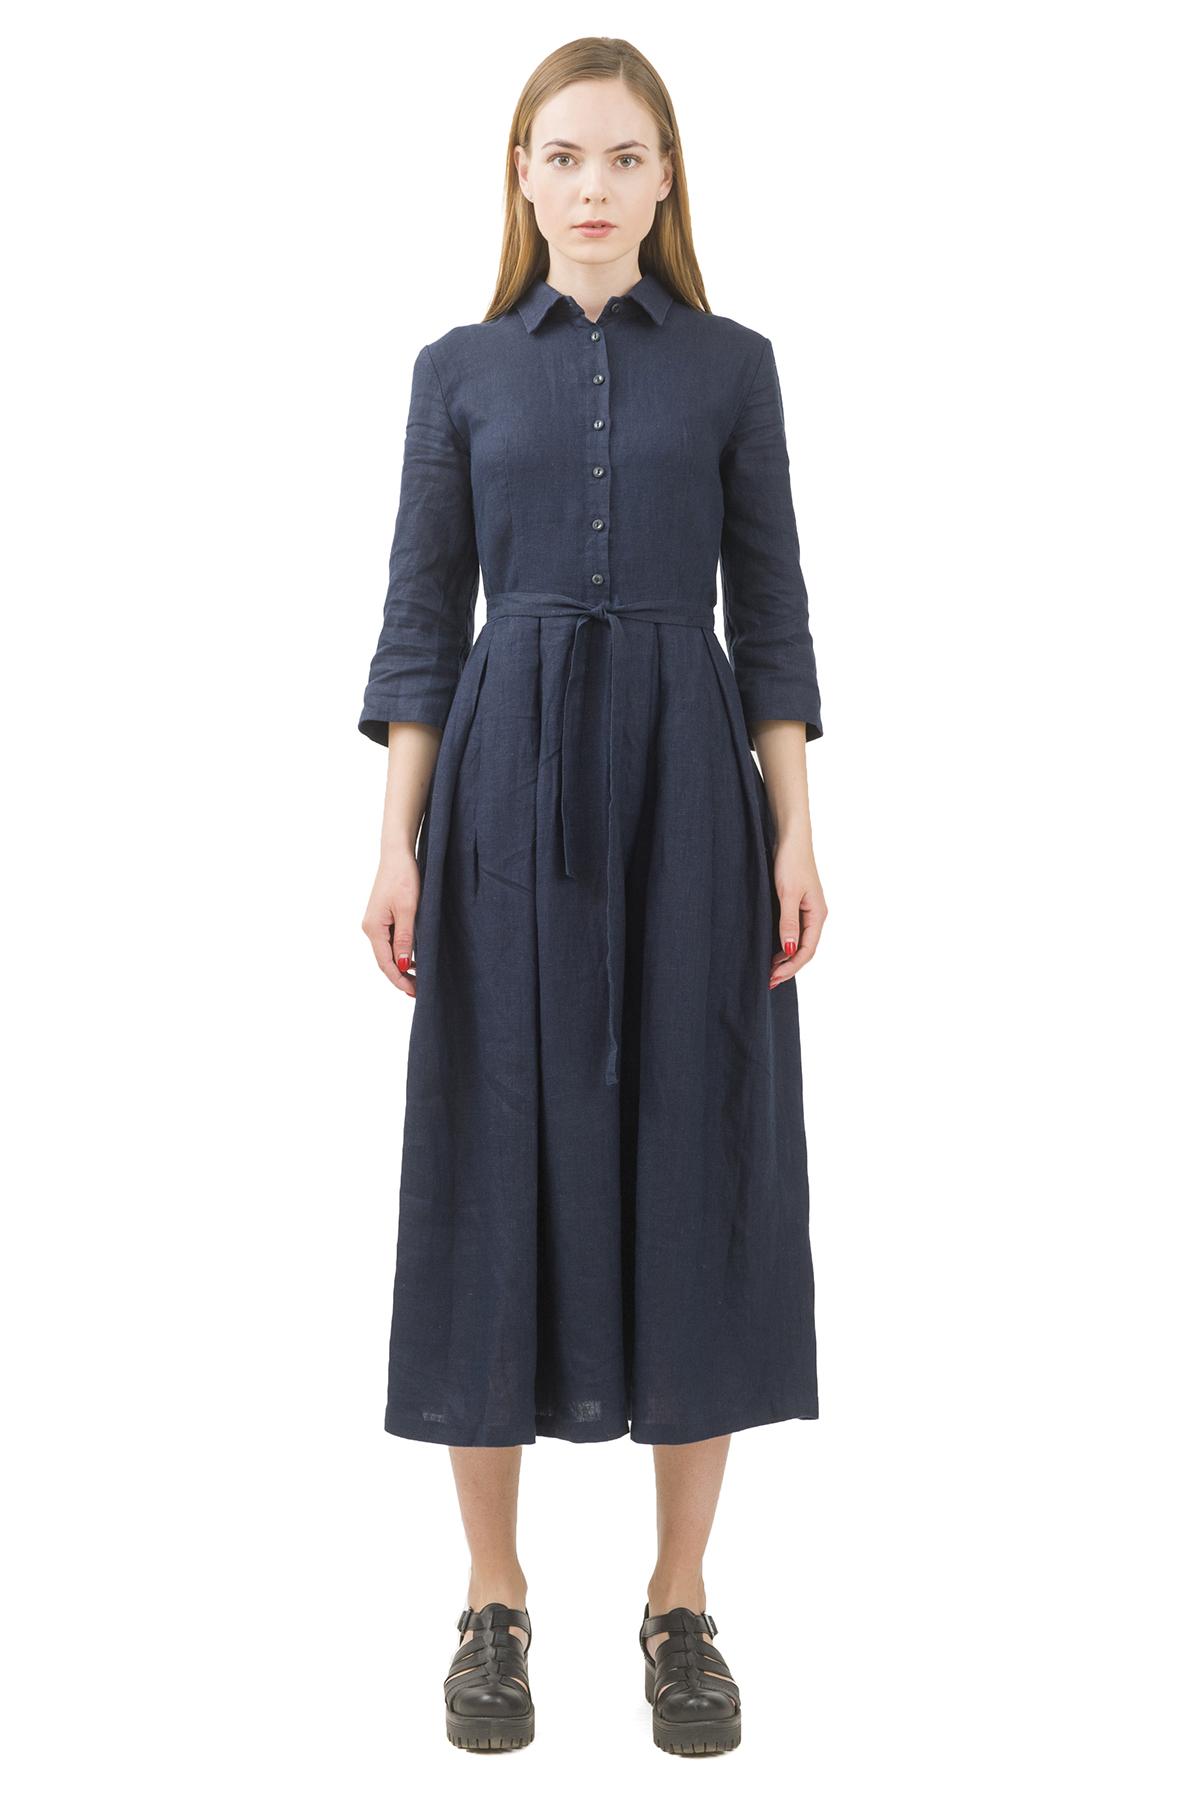 ПлатьеПлатья,  сарафаны<br>Стильное платье выполнено из натуральной ткани - льна. Данная модель удачно подчеркнет красоту Вашей фигуры, а яркая расцветка  не оставит Вас незамеченной.<br><br>Цвет: темно-синий<br>Состав: 100% лен<br>Размер: 40,42,44,46,48,50<br>Страна дизайна: Россия<br>Страна производства: Россия